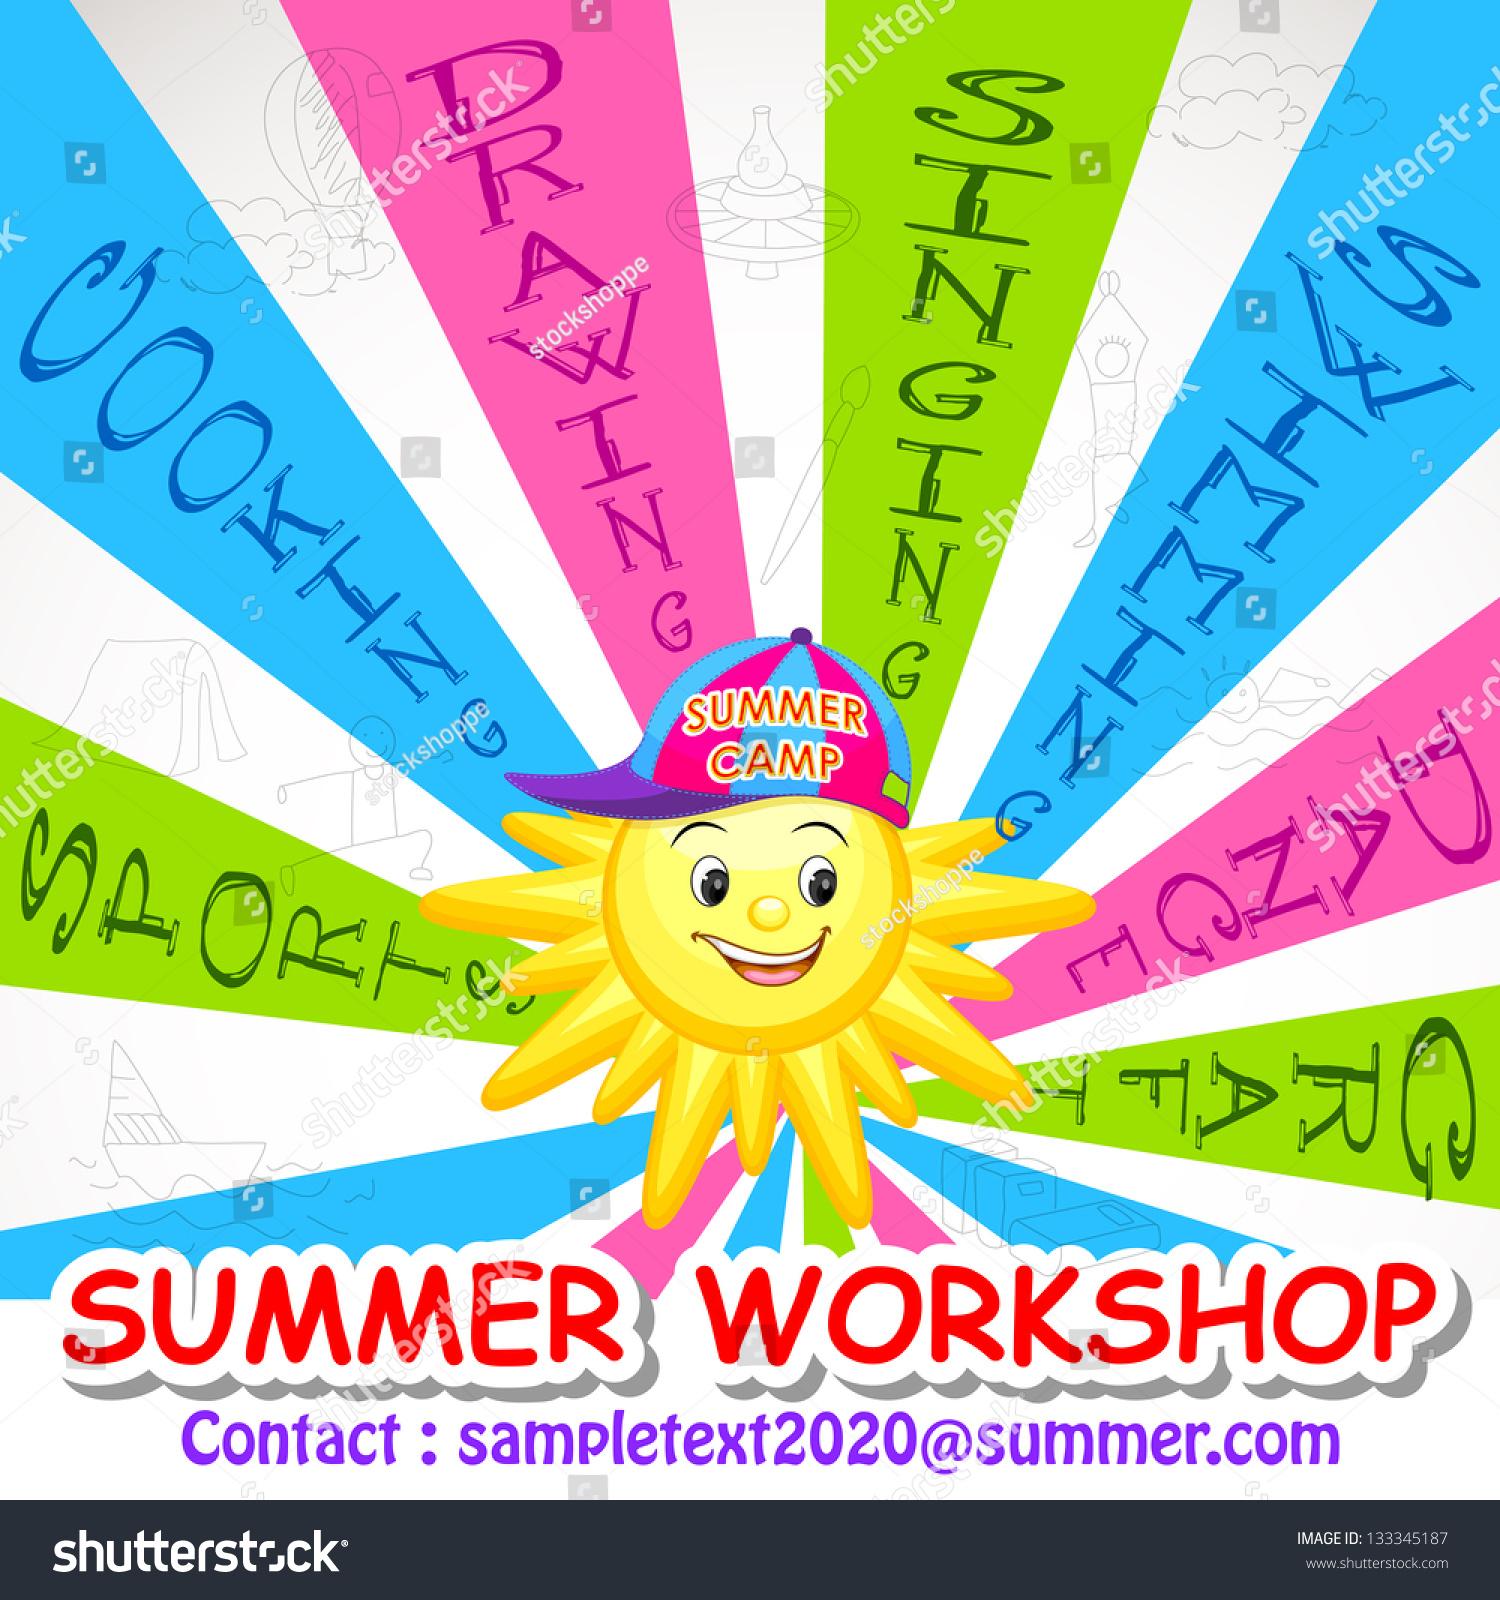 Poster design workshop - Vector Illustration Of Poster Design For Summer Art Workshop